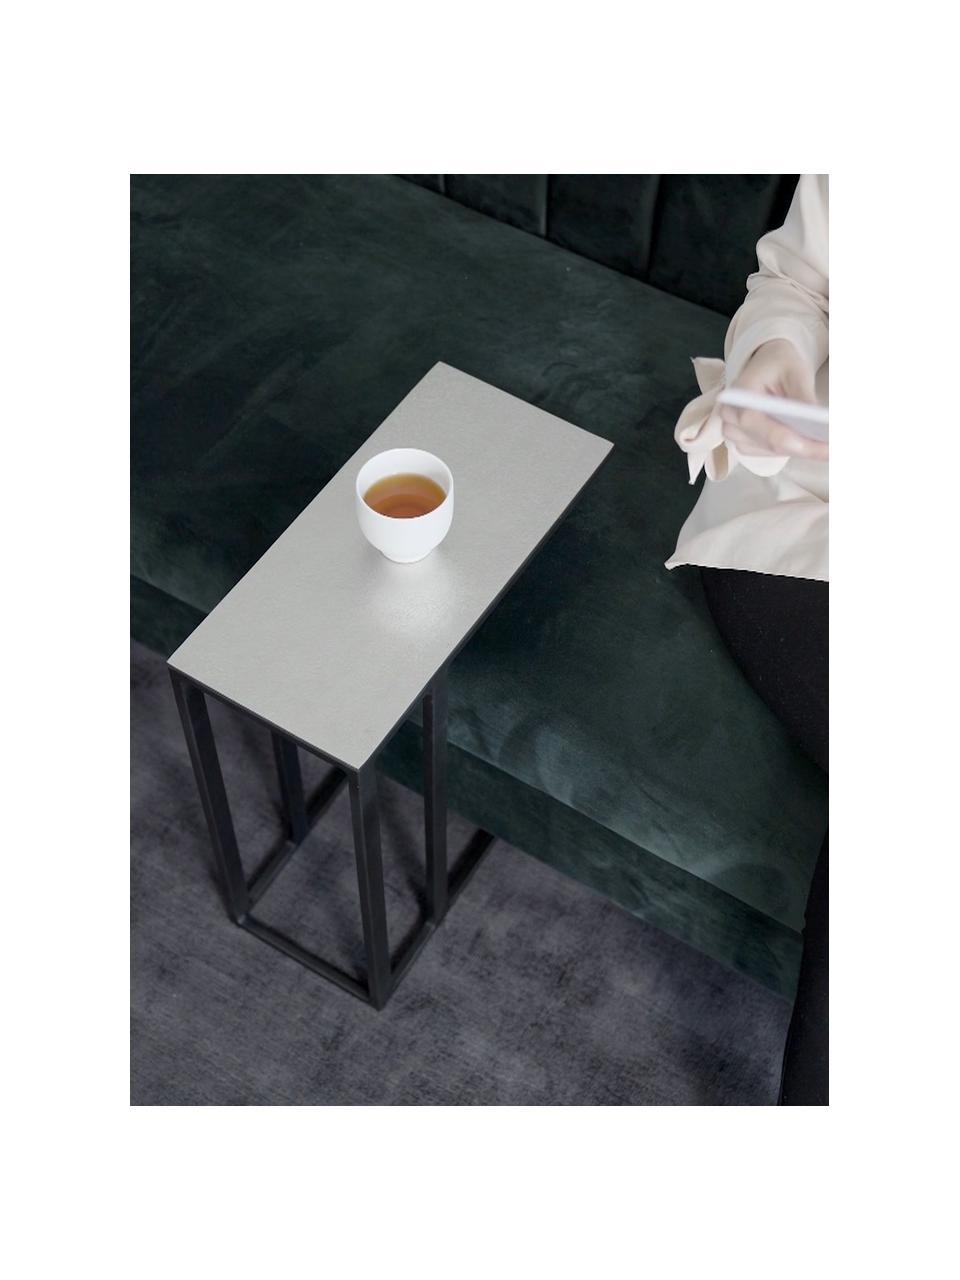 Beistelltisch Edge im Industrial Design, Tischplatte: Metall, beschichtet, Gestell: Metall, pulverbeschichtet, Tischplatte: Silberfarben mit Antik Finish Gestell: Schwarz, matt, 45 x 62 cm